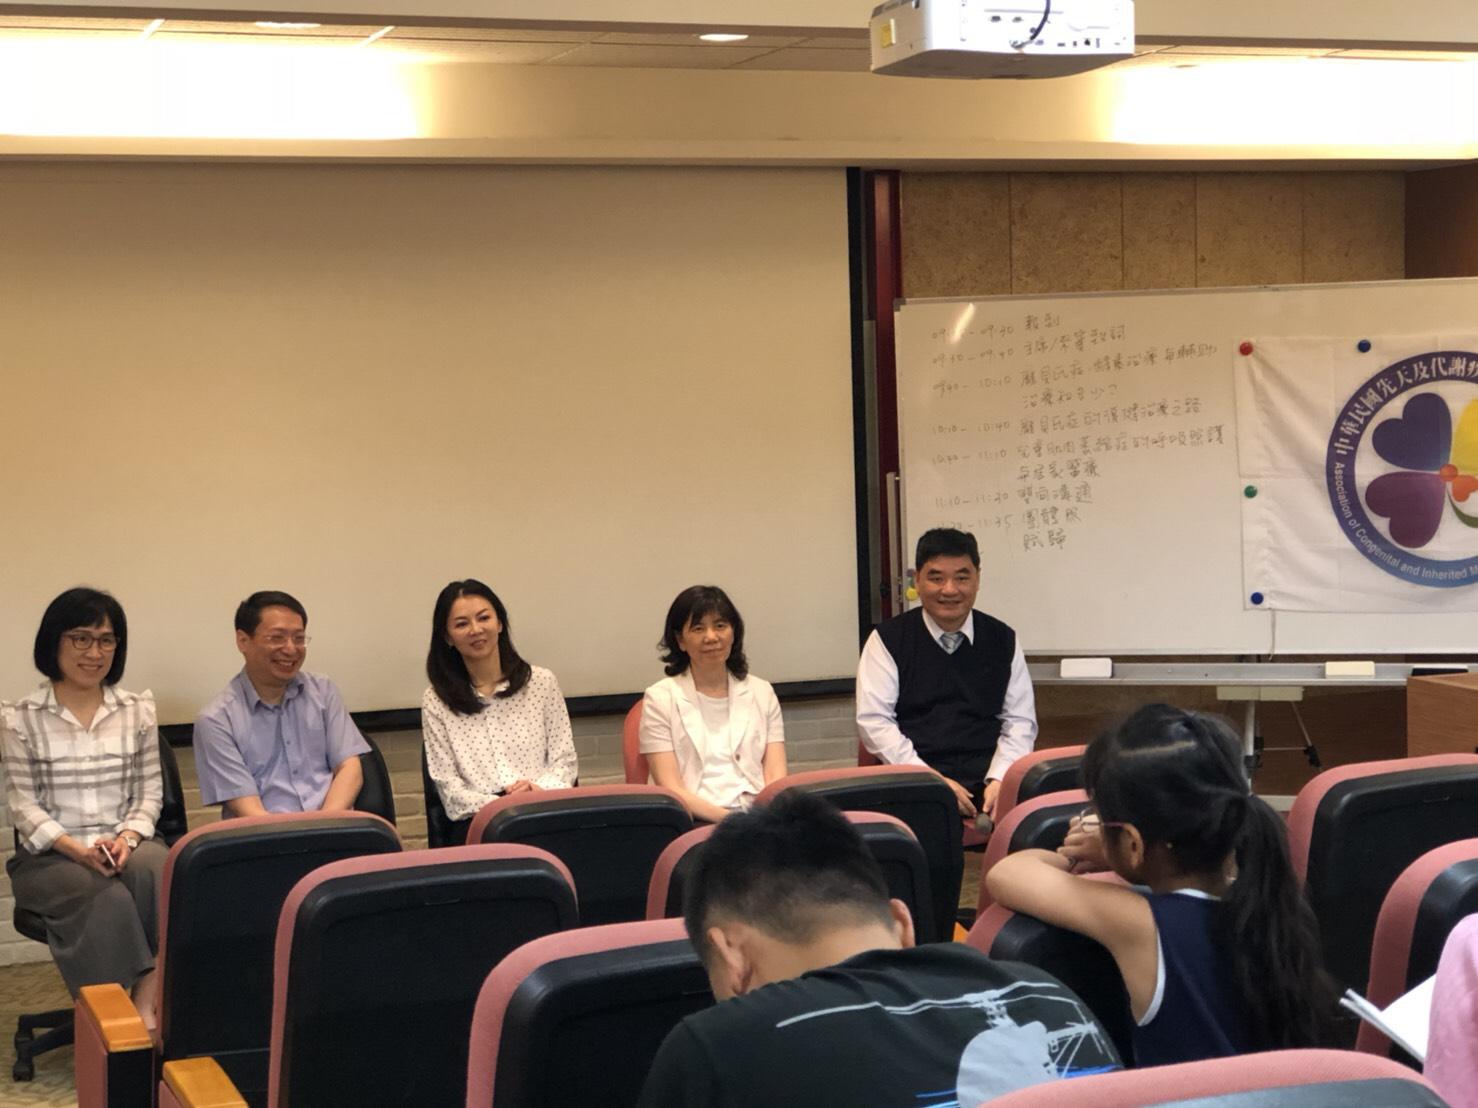 牛道明 Dau-ming niu ; Niu DM 龐貝氏症 國際會議